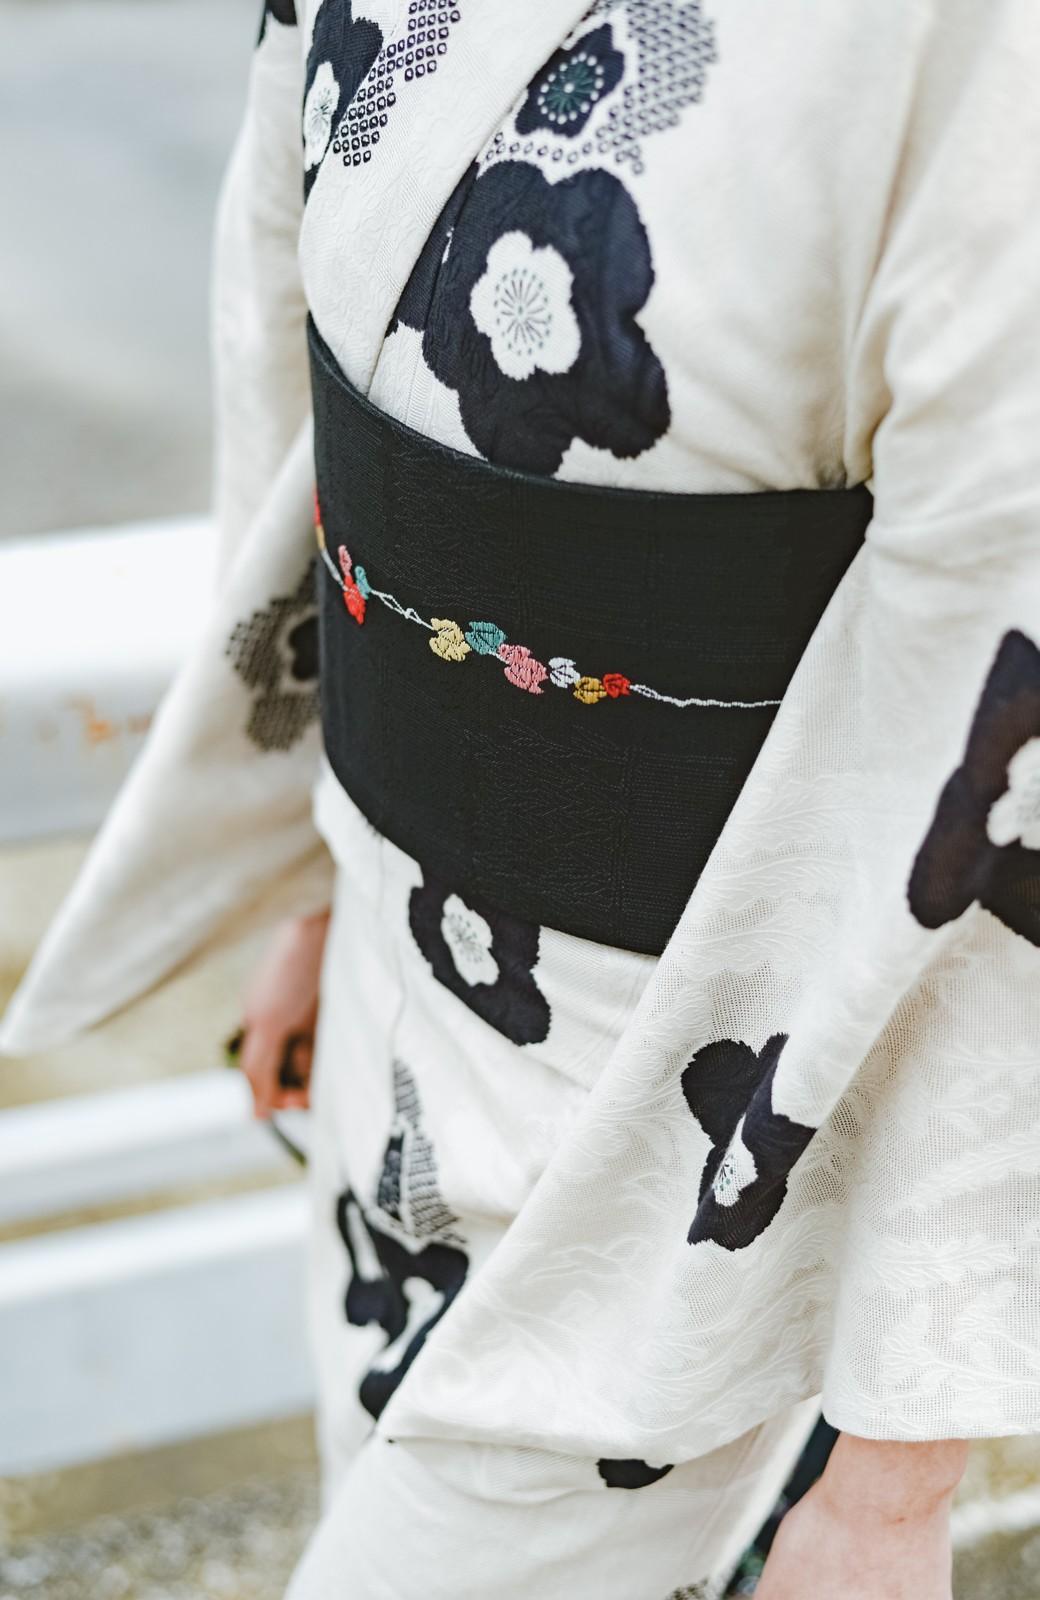 haco! ひでや工房 京都の半巾帯 つた柄 <ブラック>の商品写真3